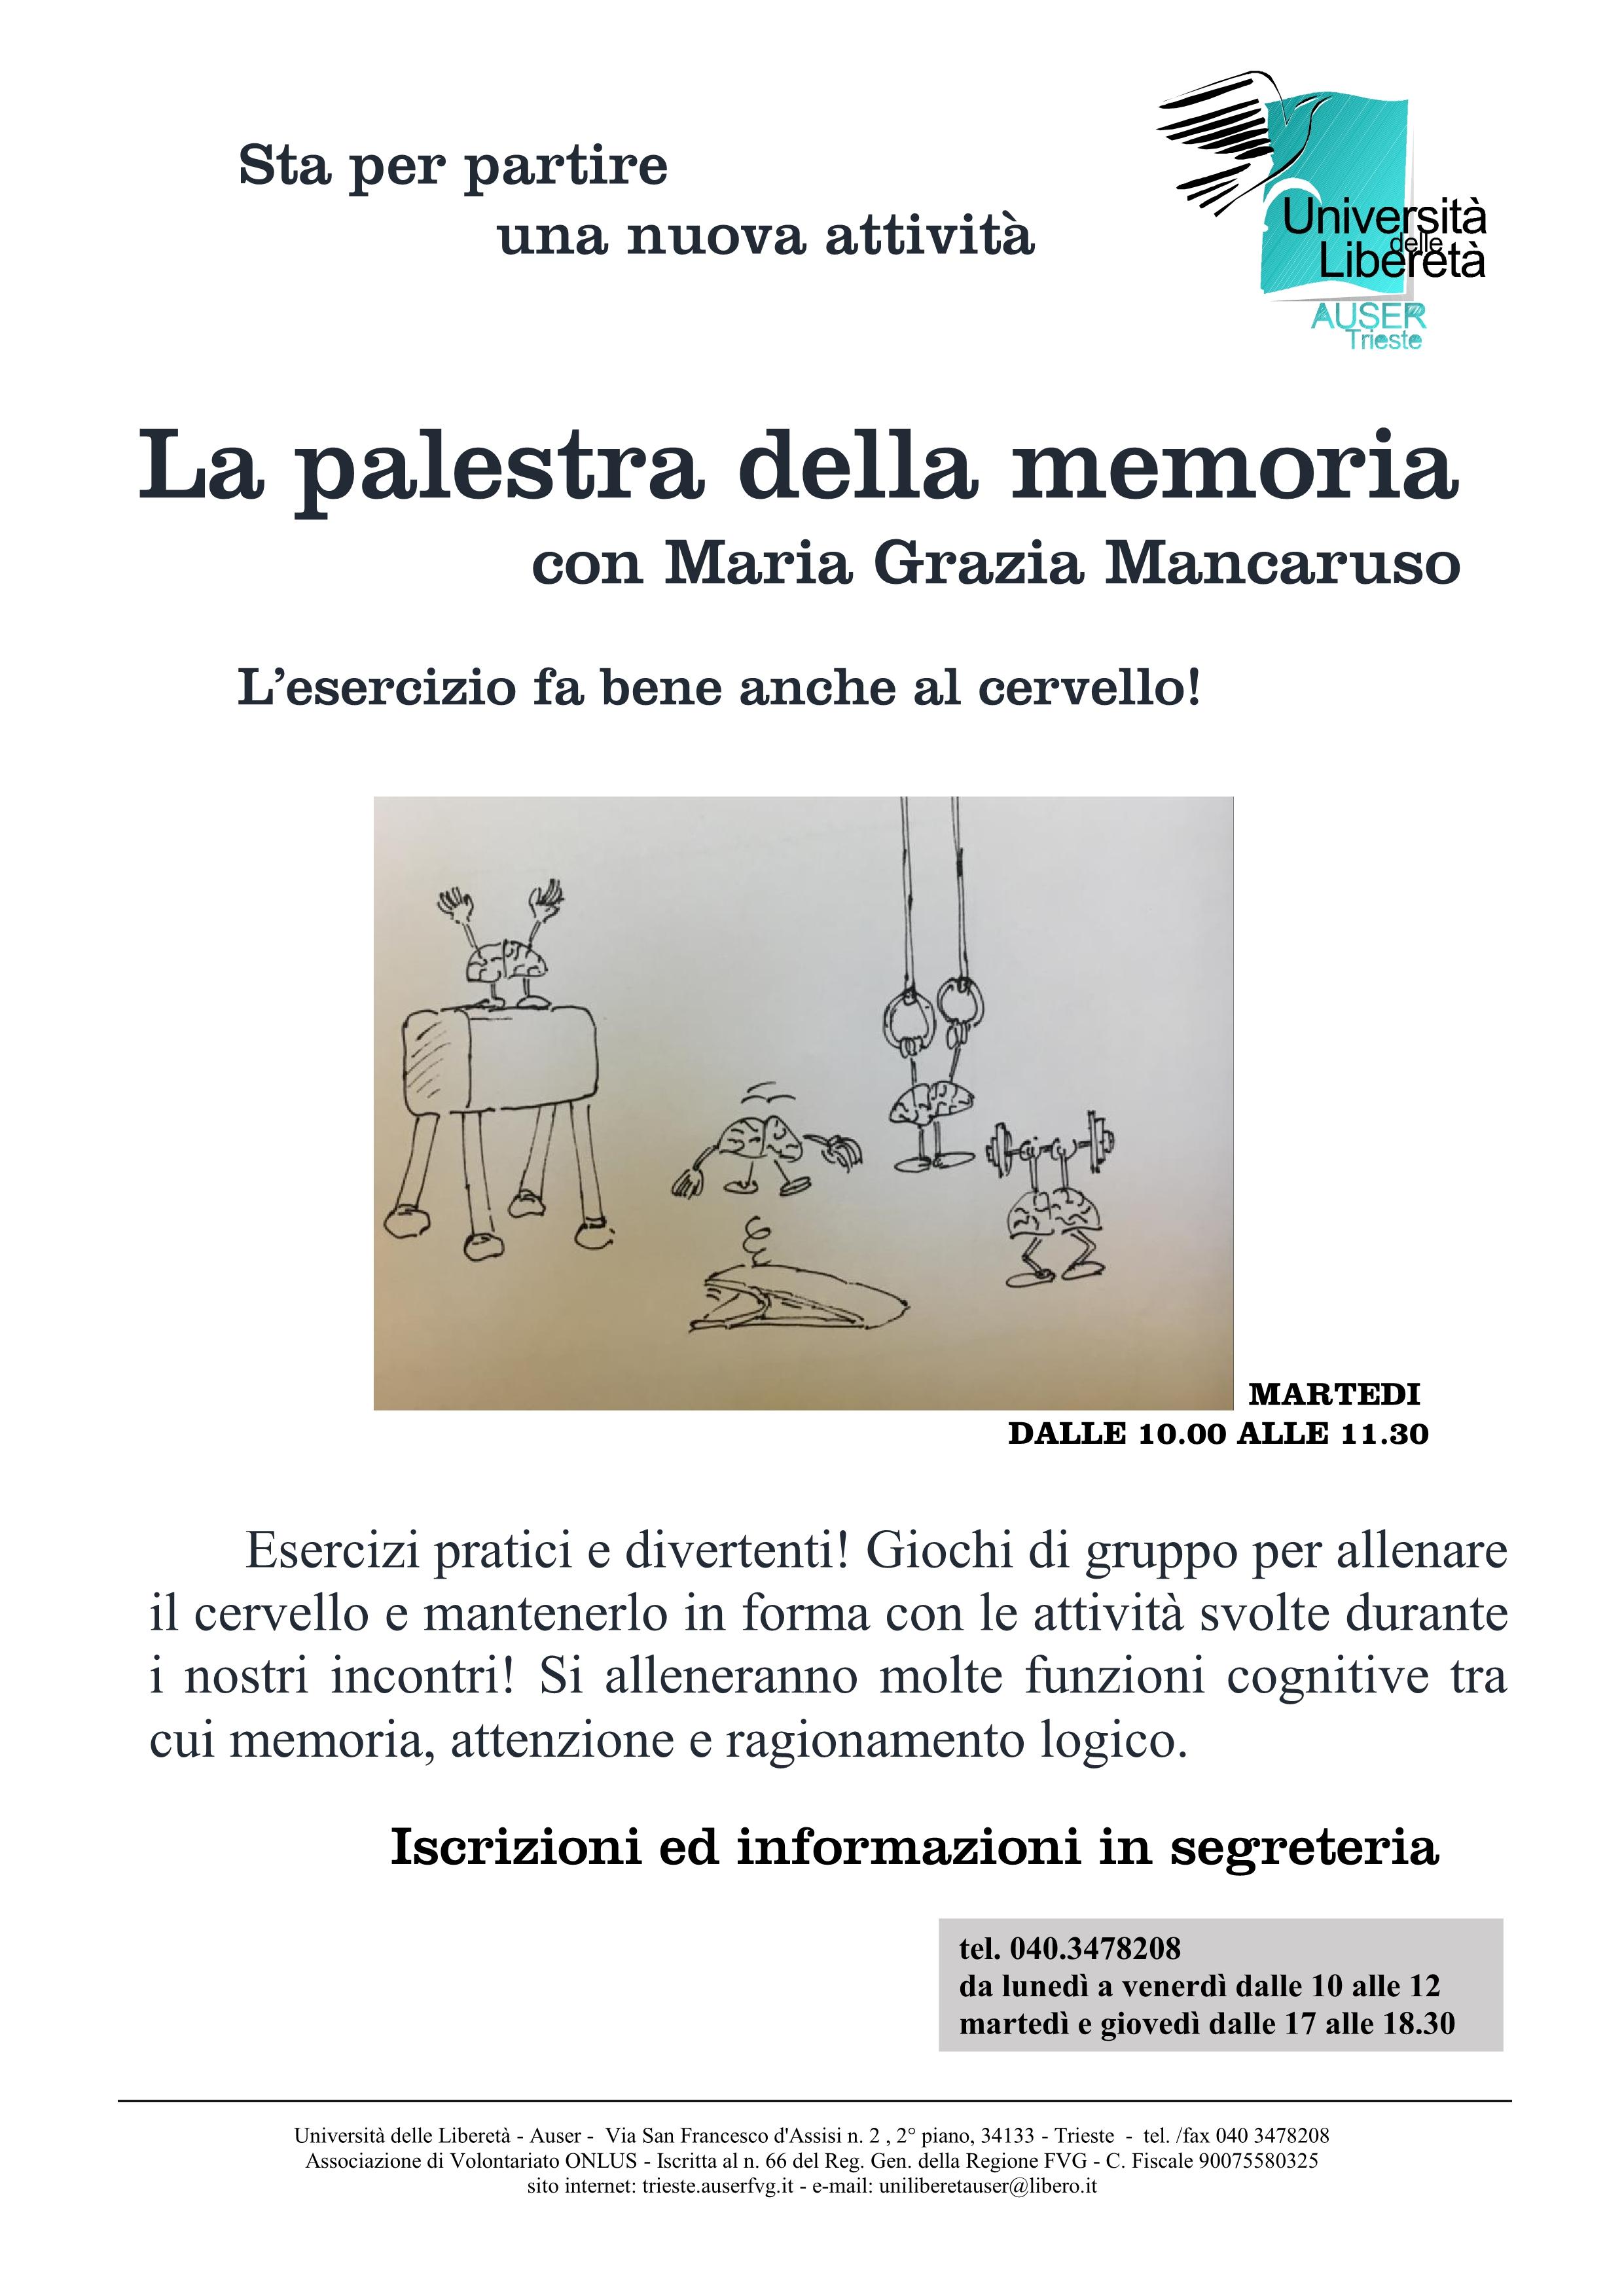 La palestra della memoria1